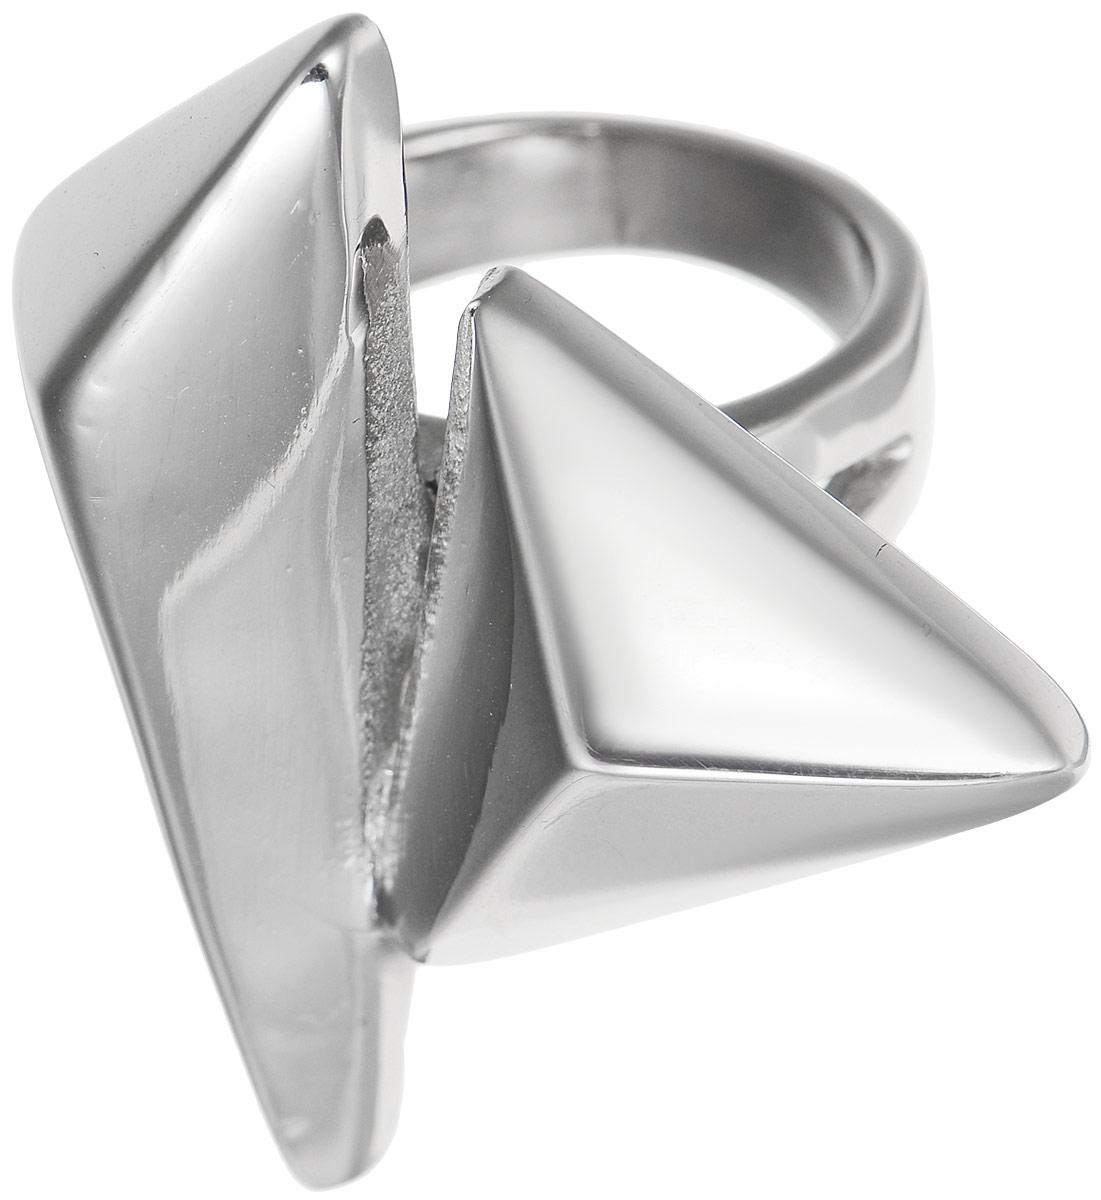 Кольцо Polina Selezneva, цвет: серебристый. DG-0013. Размер 19Коктейльное кольцоСтильное кольцо Polina Selezneva изготовлено из качественного металлического сплава. Декоративная часть выполнена в оригинальной форме.